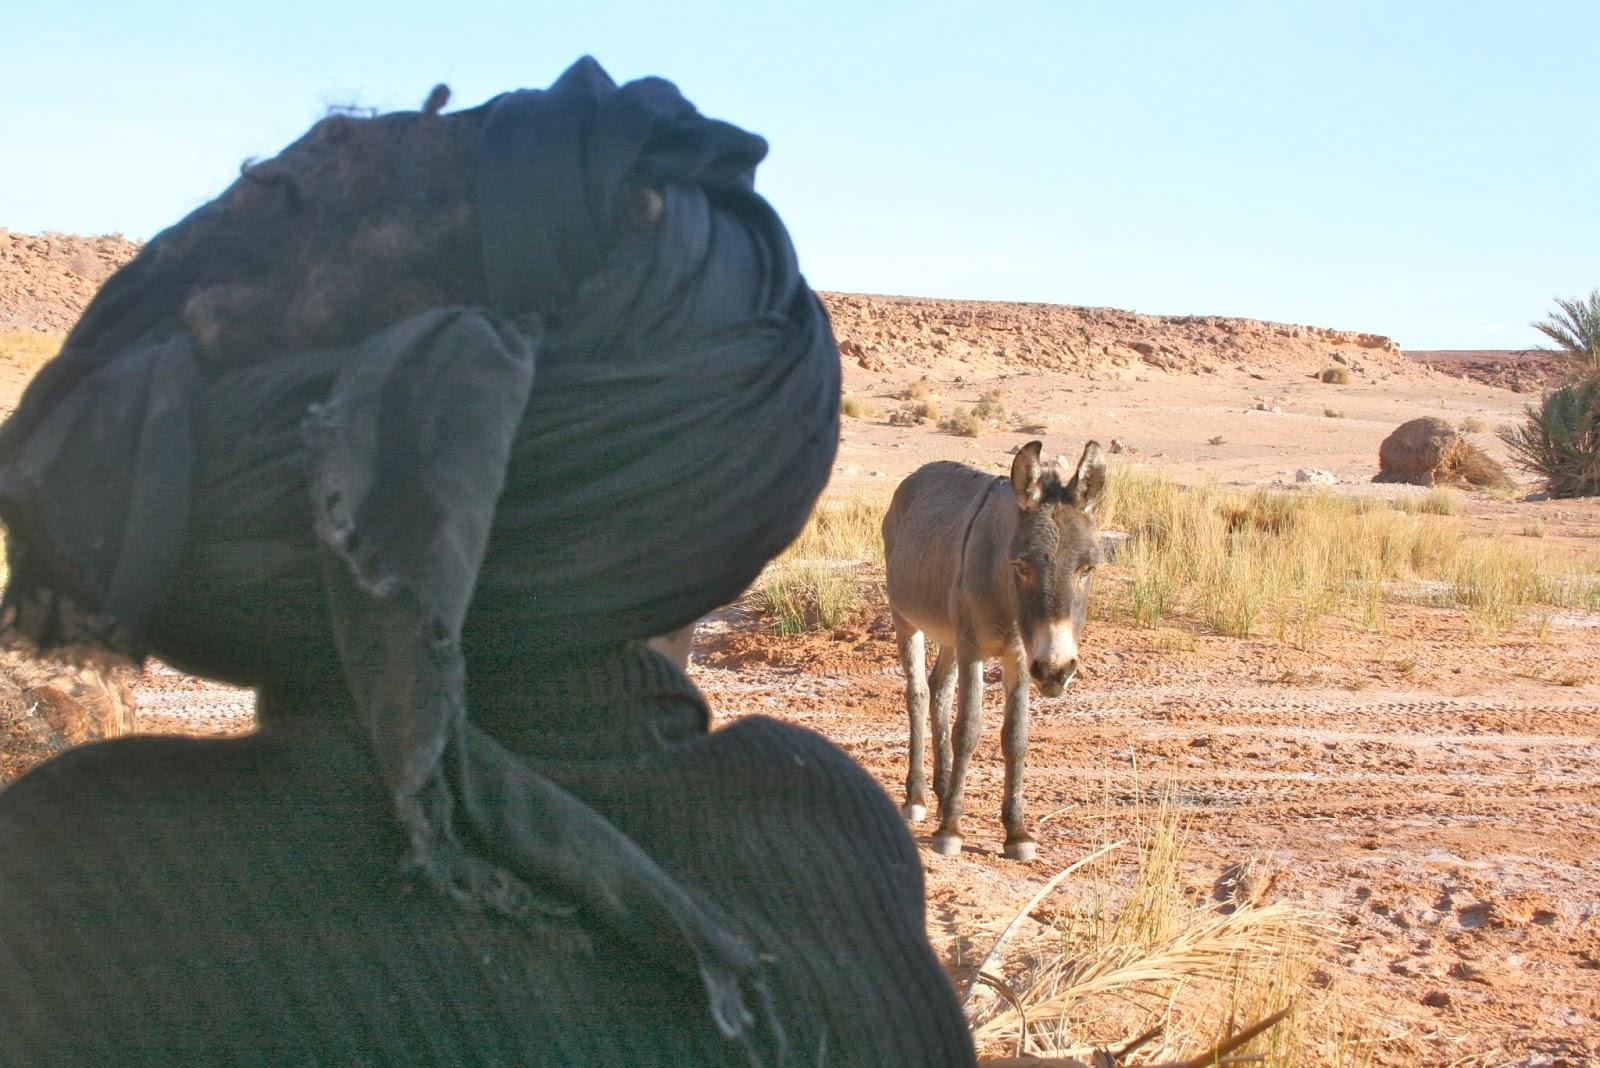 viajes a marruecos, viajes al desierto, arfoud, erg chebi, nómadas, felicidad